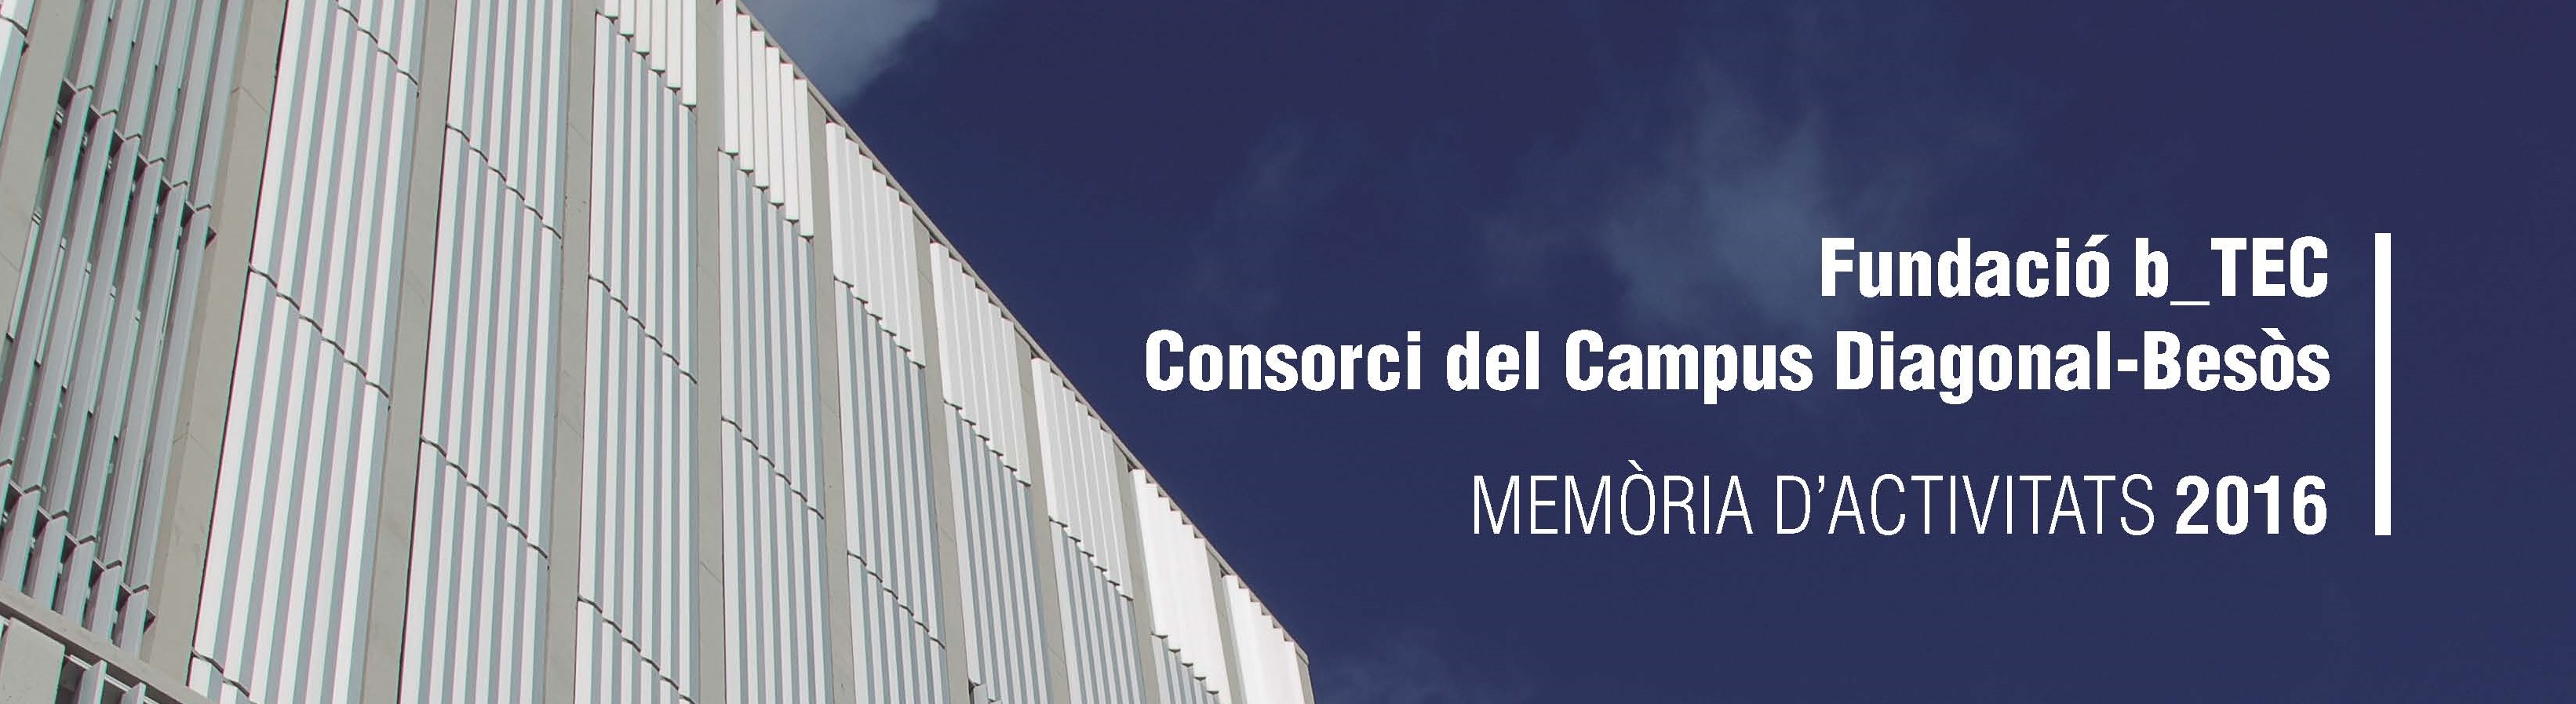 Memòria anual 2016 caratula.jpg